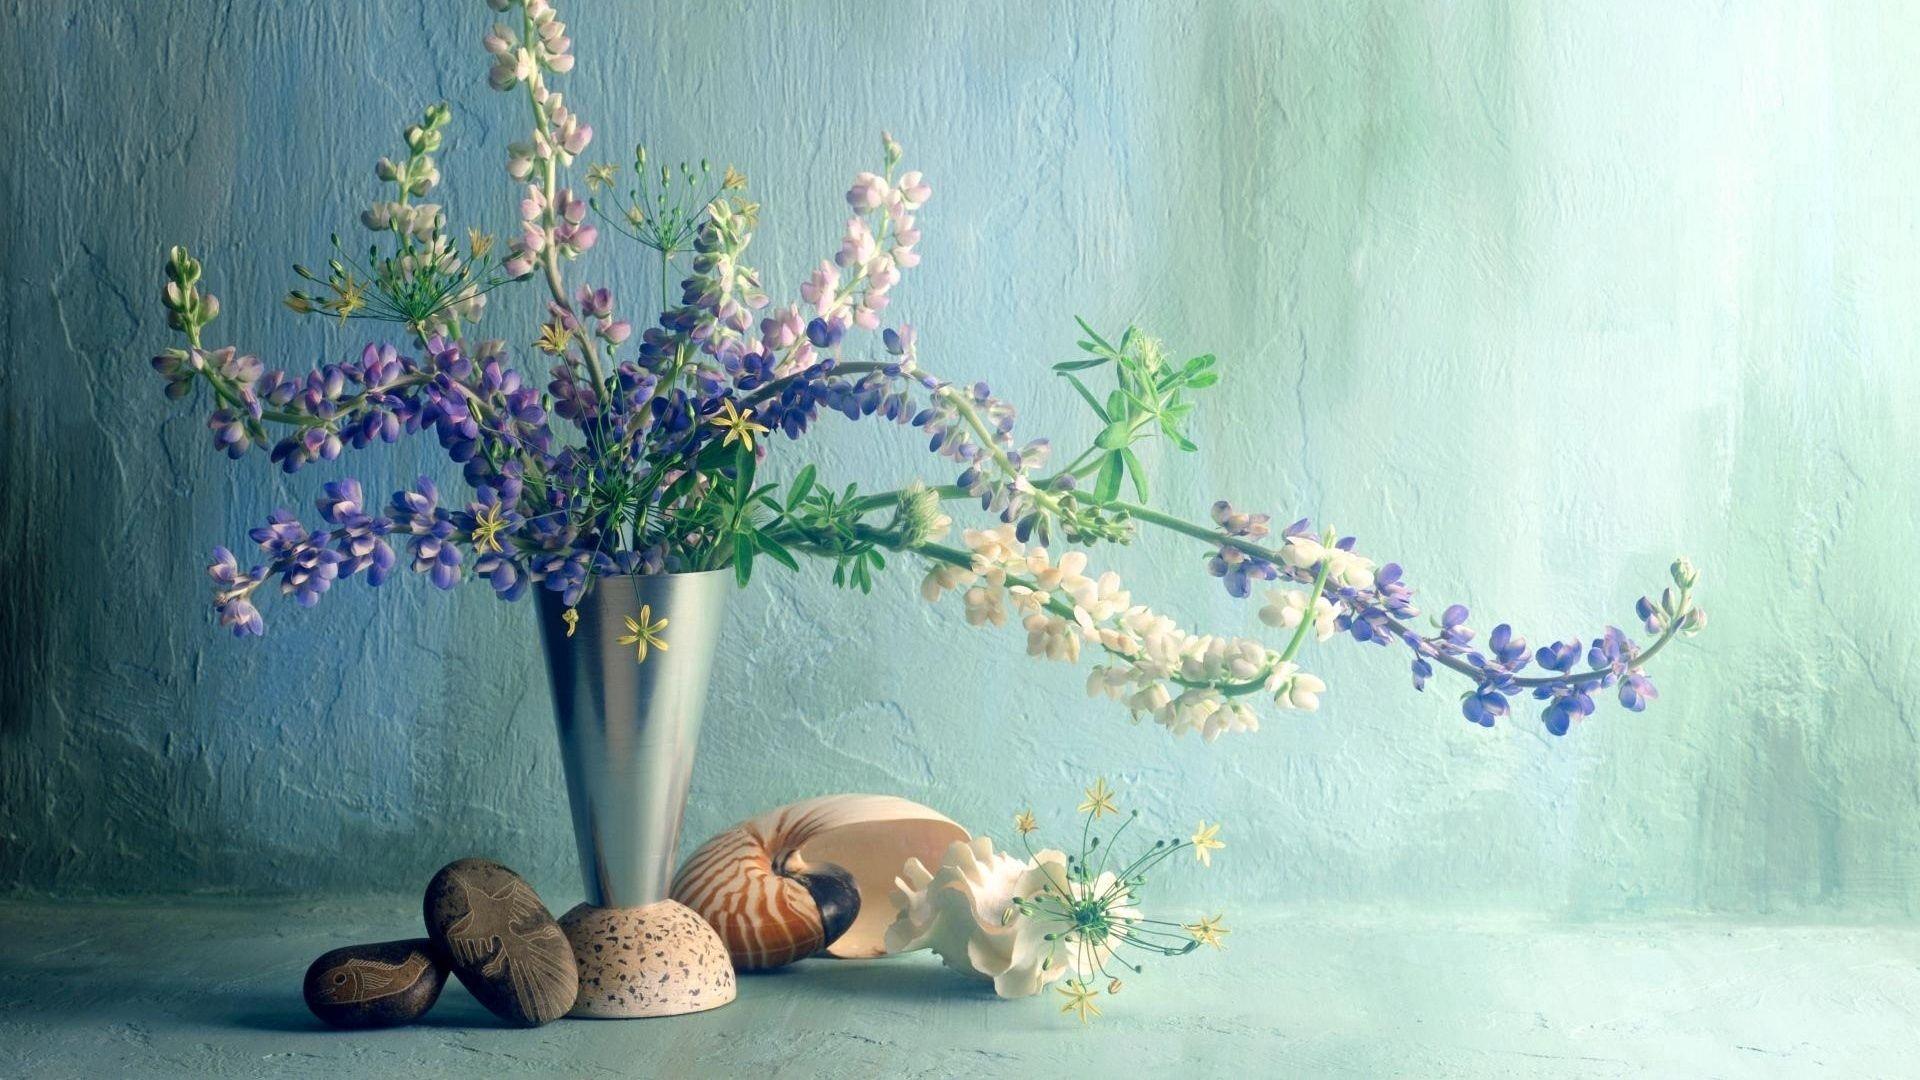 86948 скачать обои Цветы, Ракушки, Букет, Стена, Ваза, Люпины - заставки и картинки бесплатно